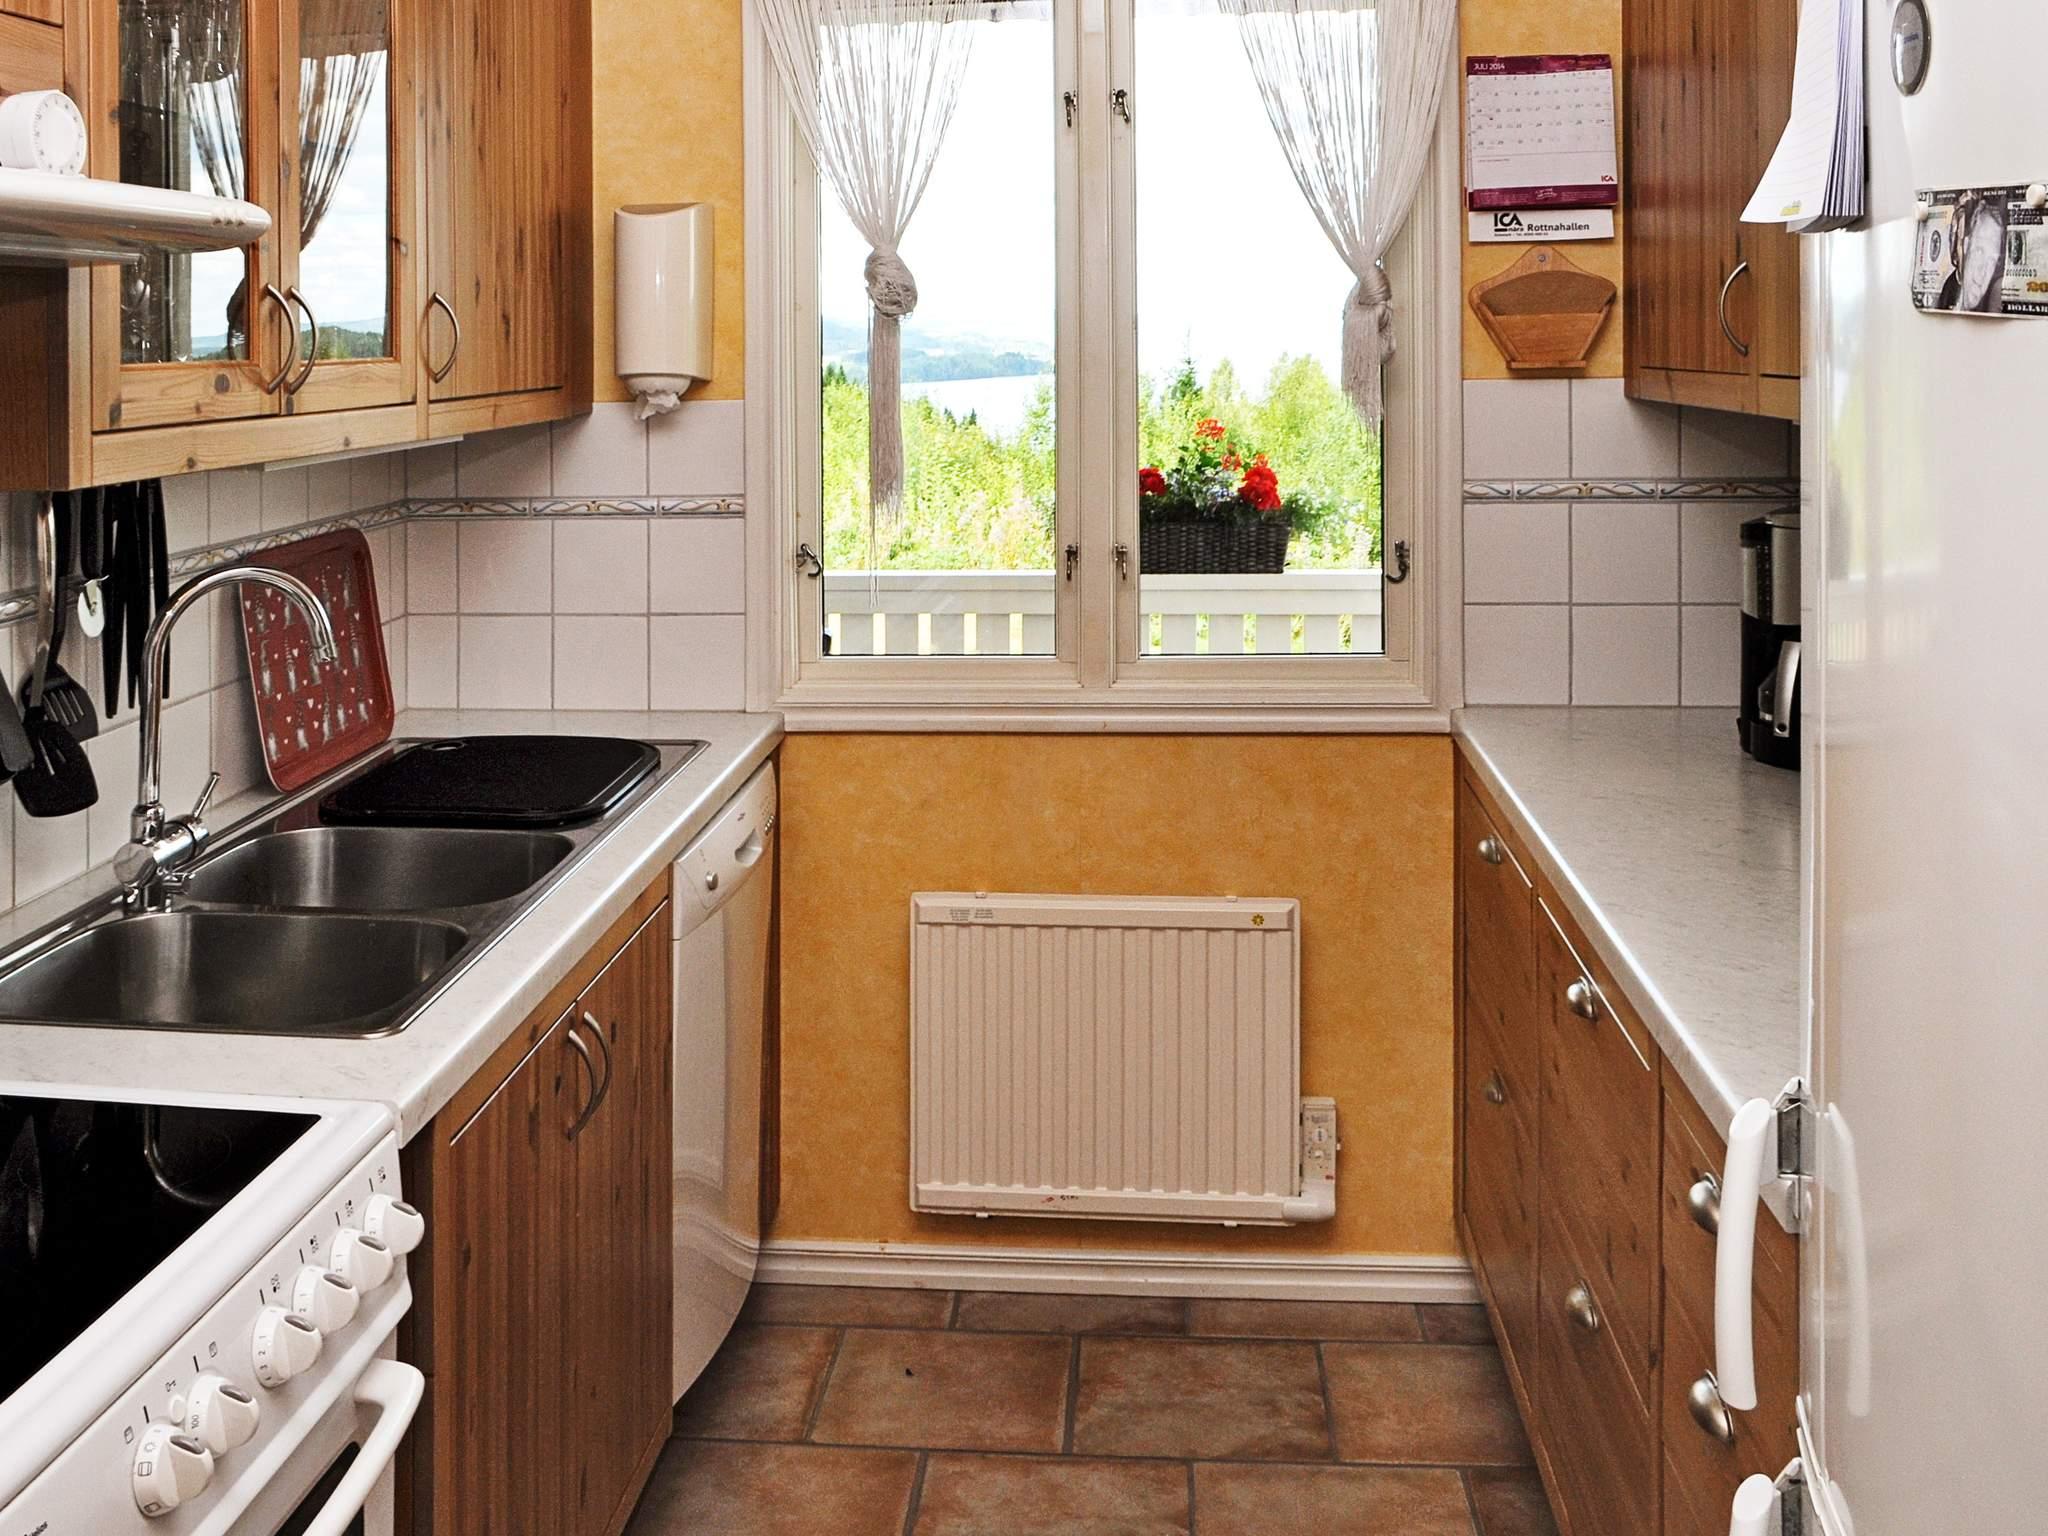 Ferienhaus Sunne (486560), Gräsmark, Värmlands län, Mittelschweden, Schweden, Bild 7